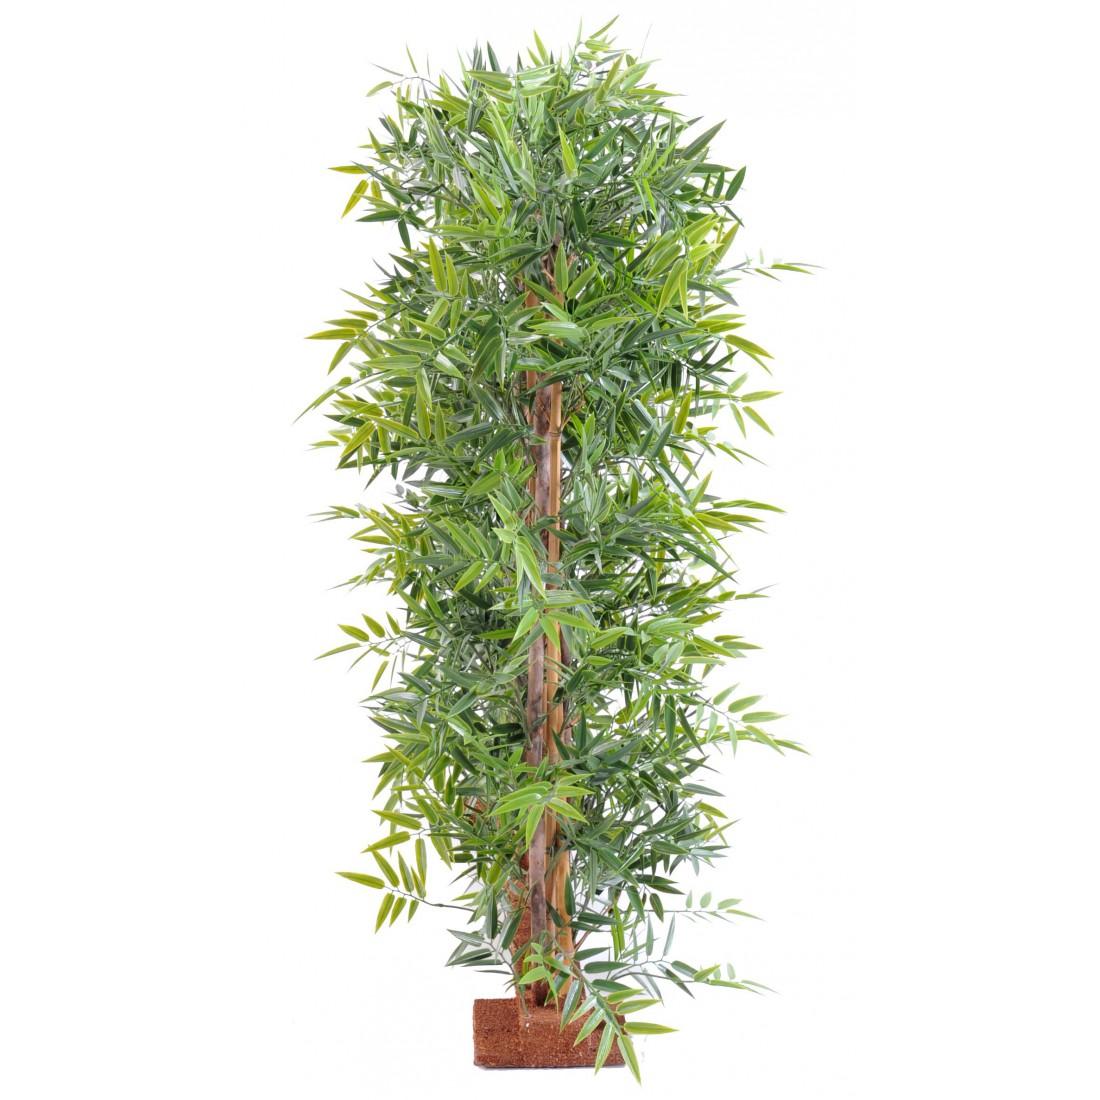 Haie artificielle bambou dense japenese plast 110 et 155 cm haies et murs vegetaux artificiels - Haie de bambou en pot ...